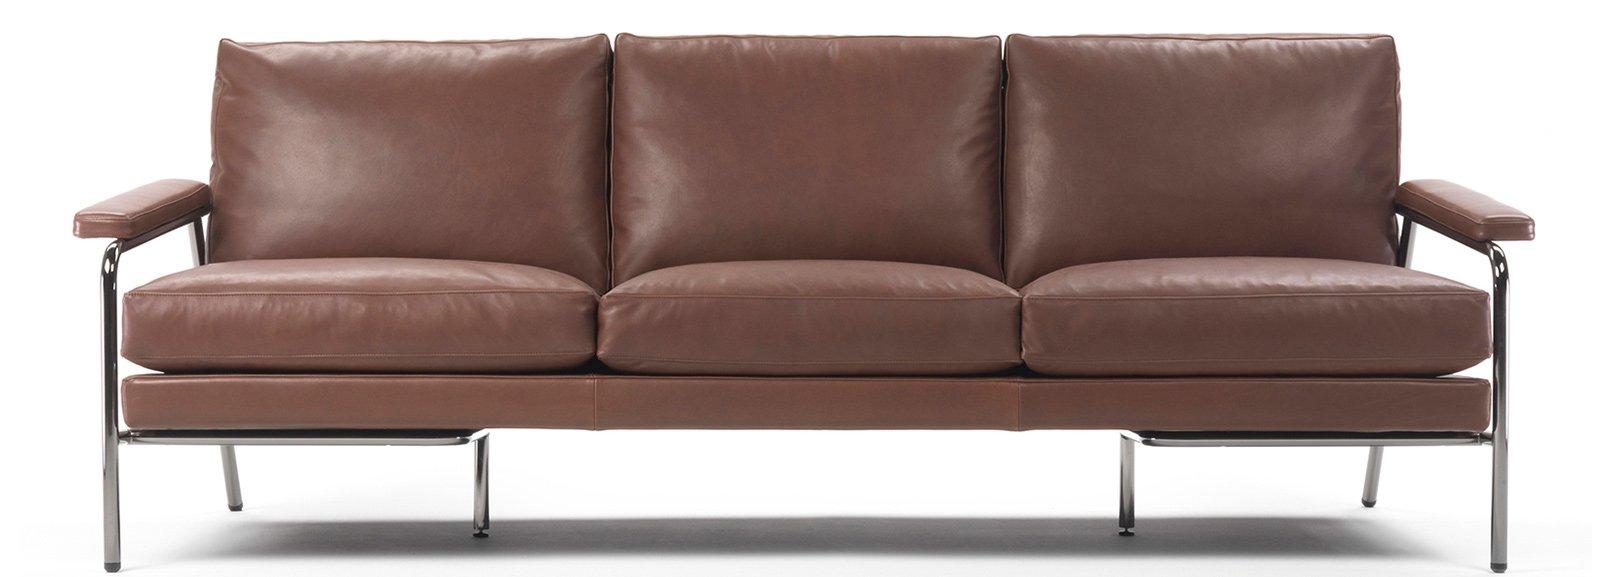 Ikea Divani Di Pelle : Divani in pelle cose di casa